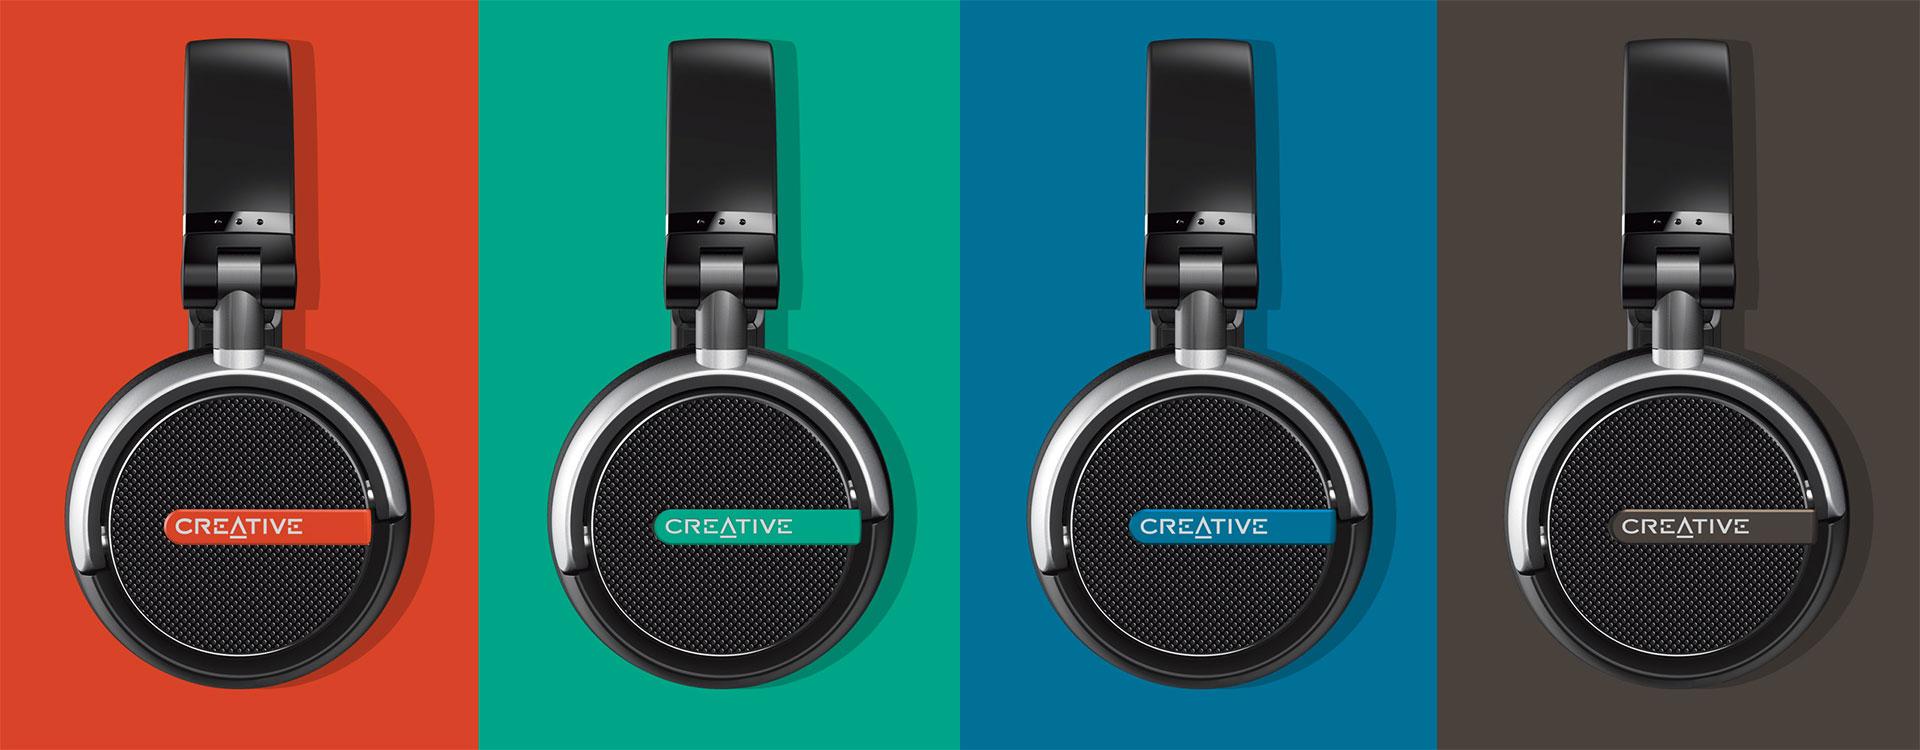 creative-flex-kleuren